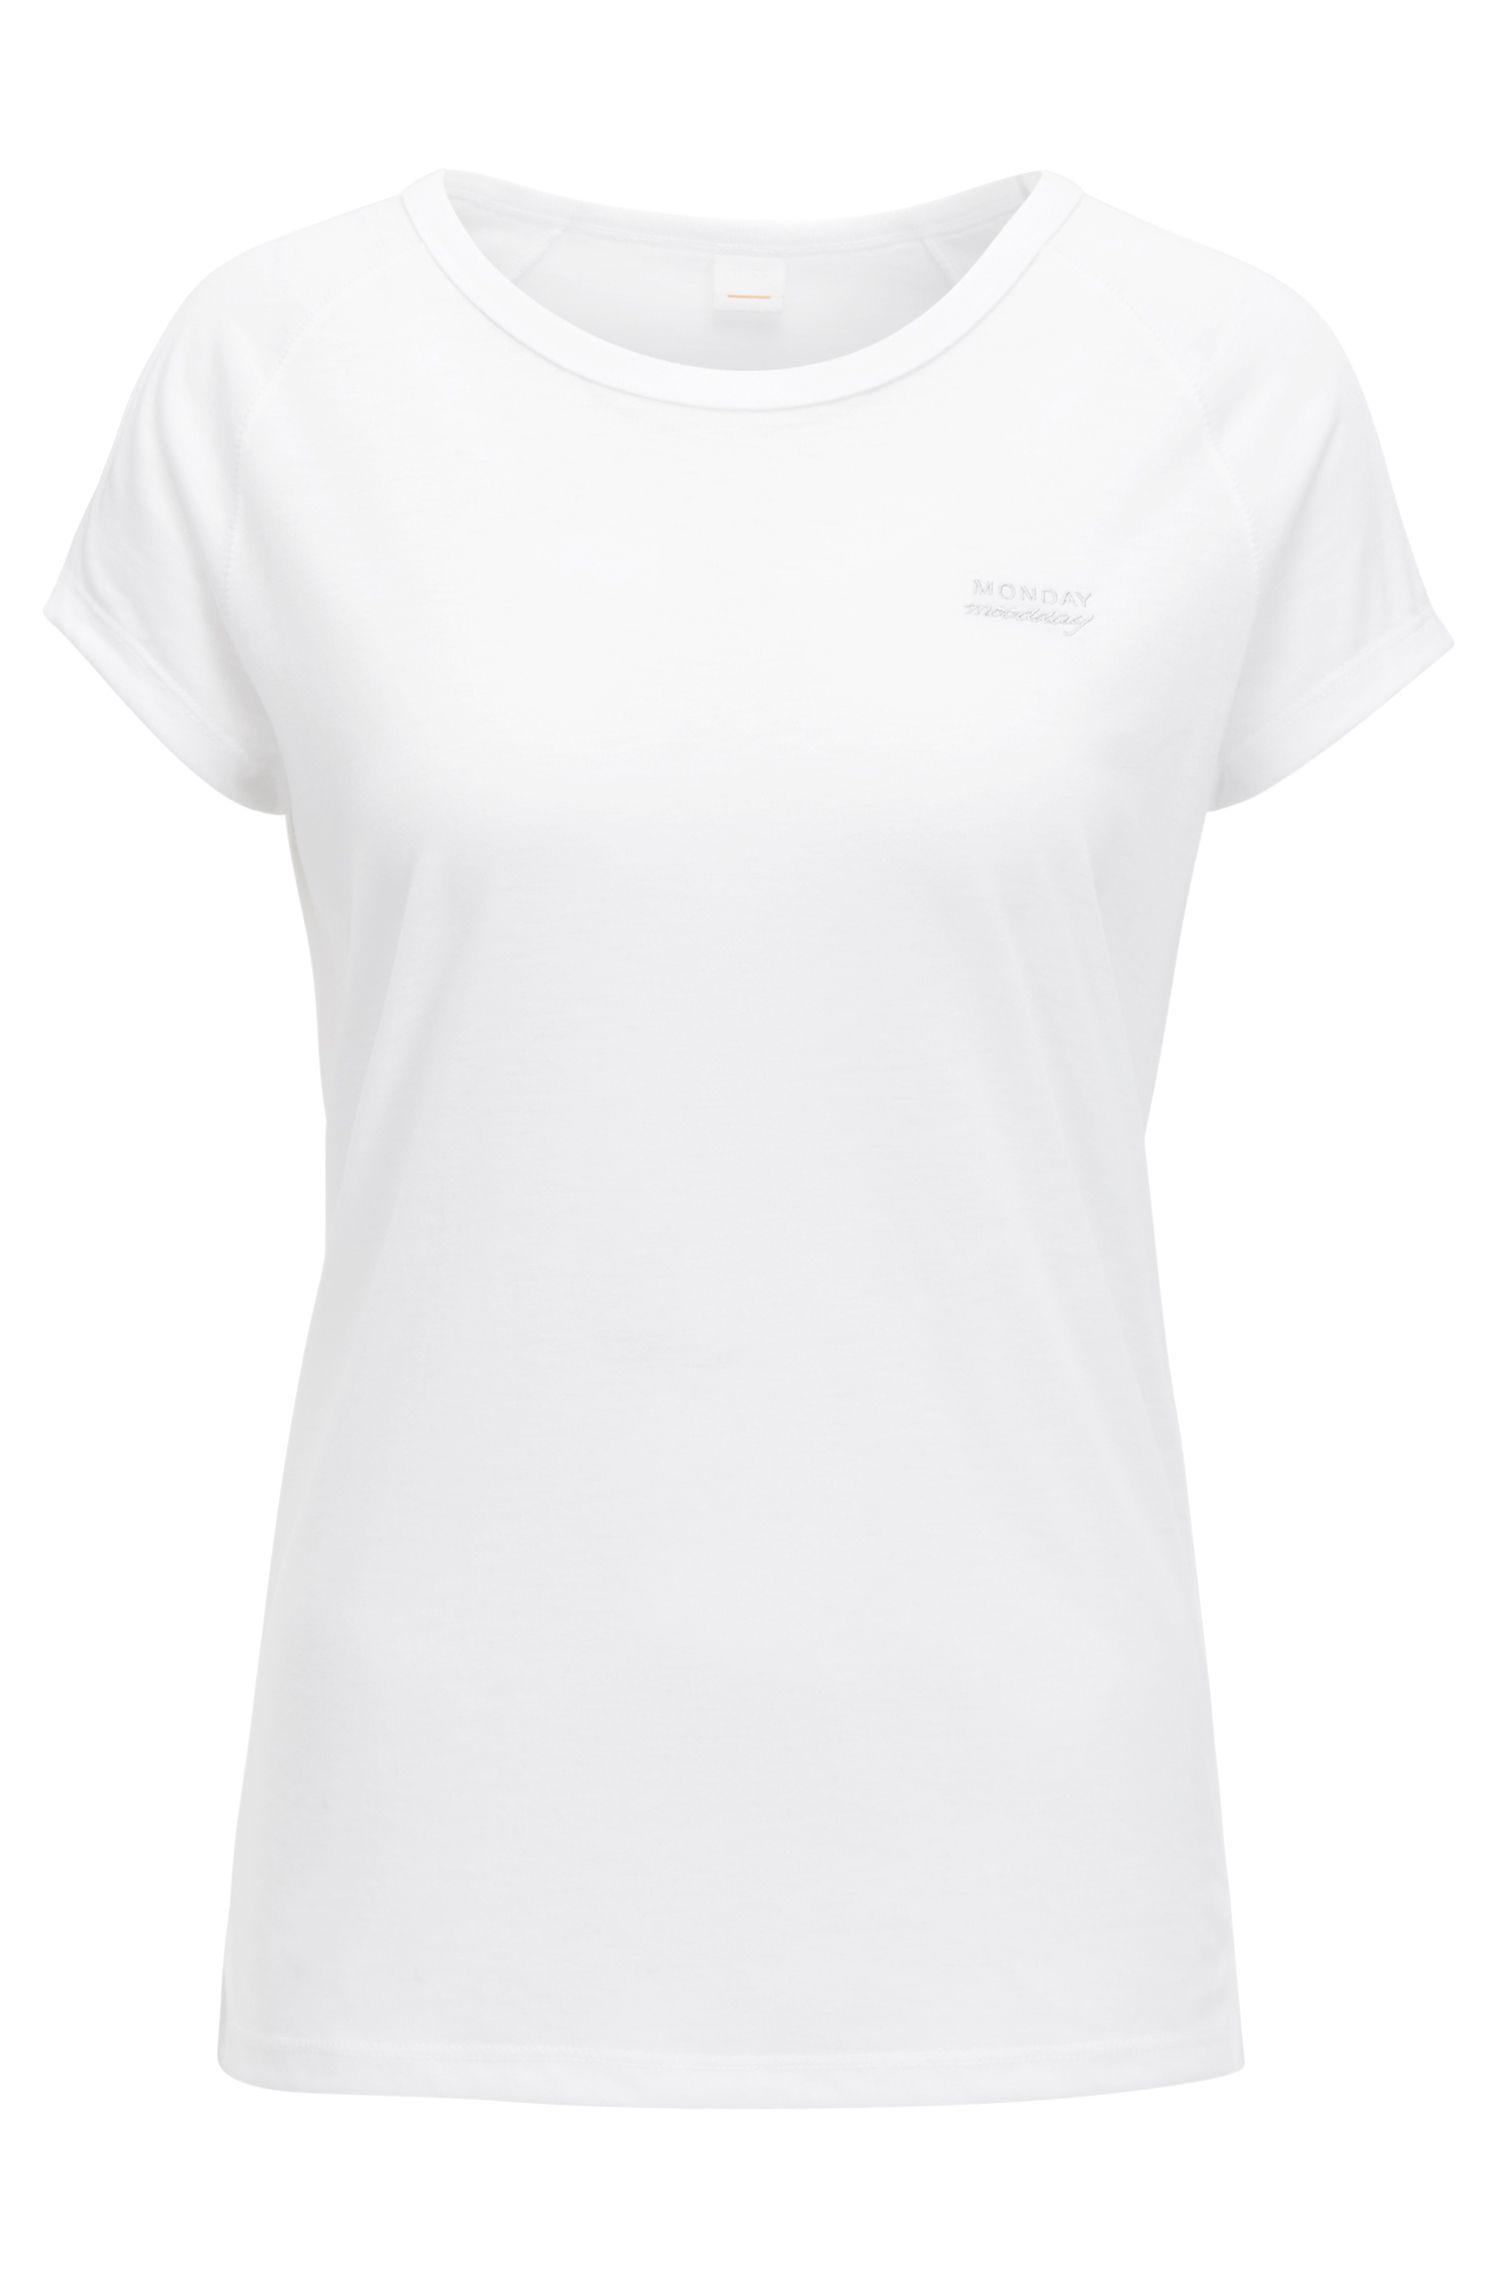 Camiseta jaspeada de mangas raglán con detalle de eslogan